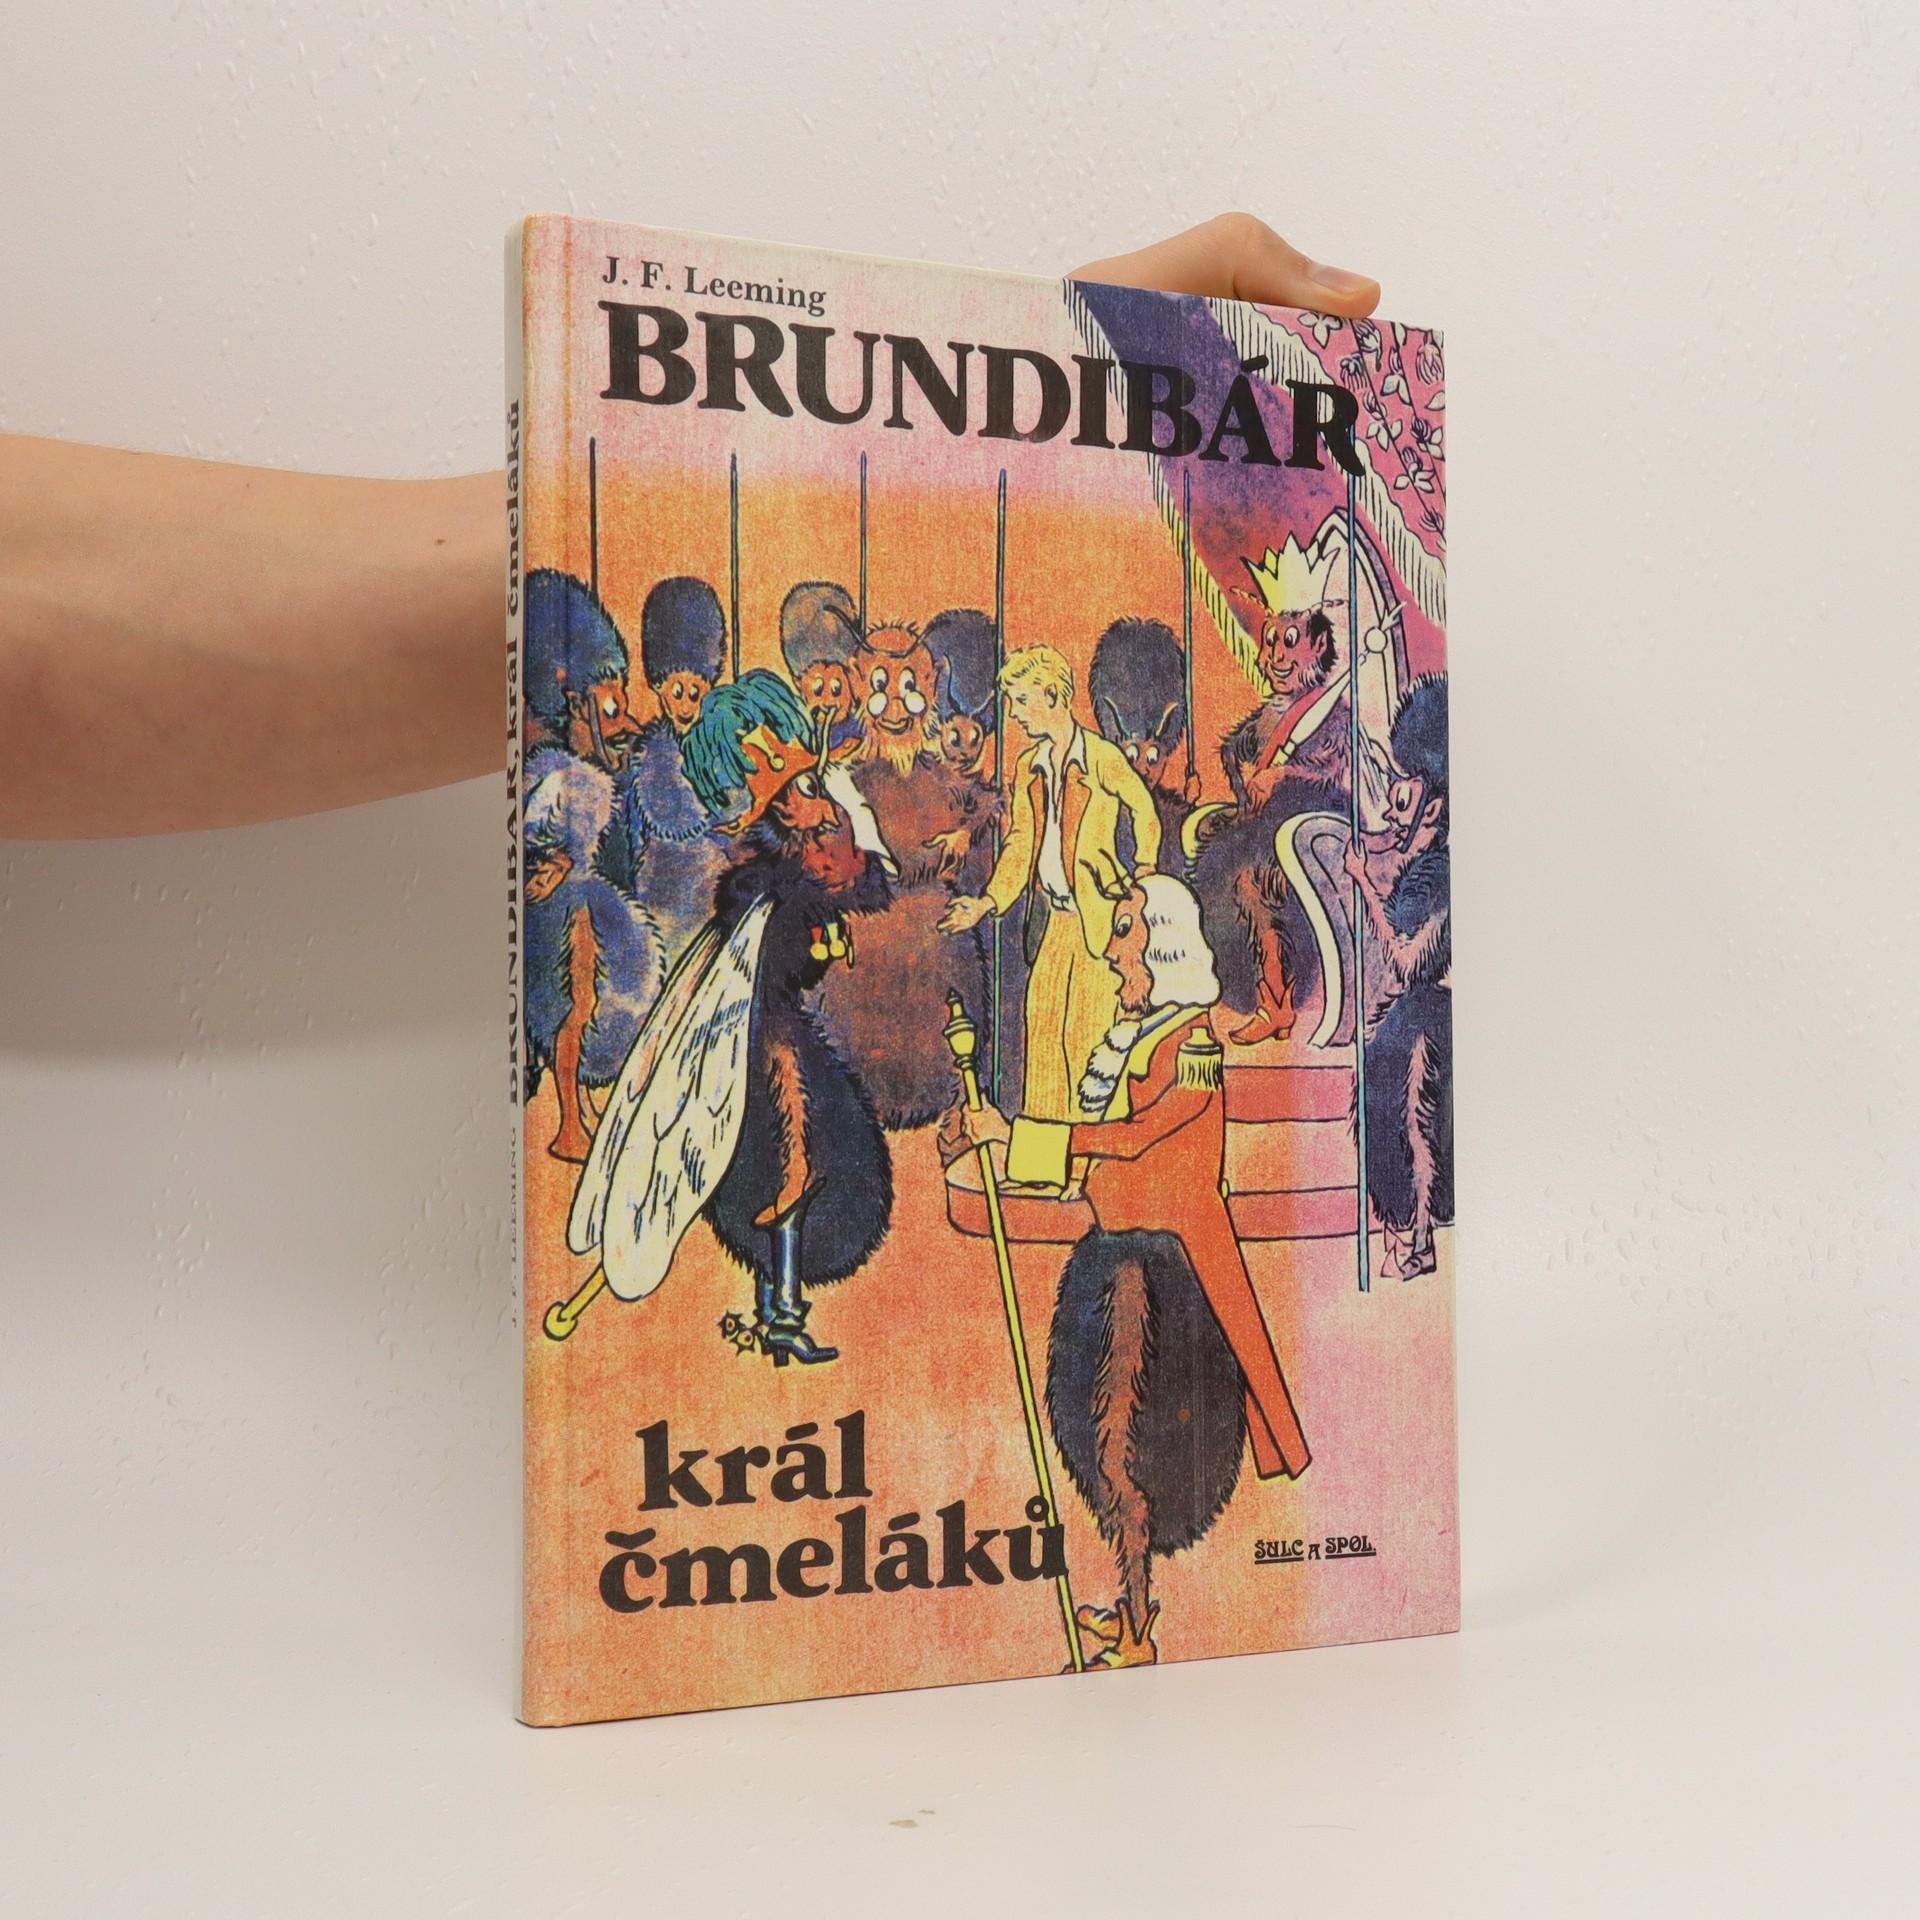 antikvární kniha Brundibár, král čmeláků, 1991